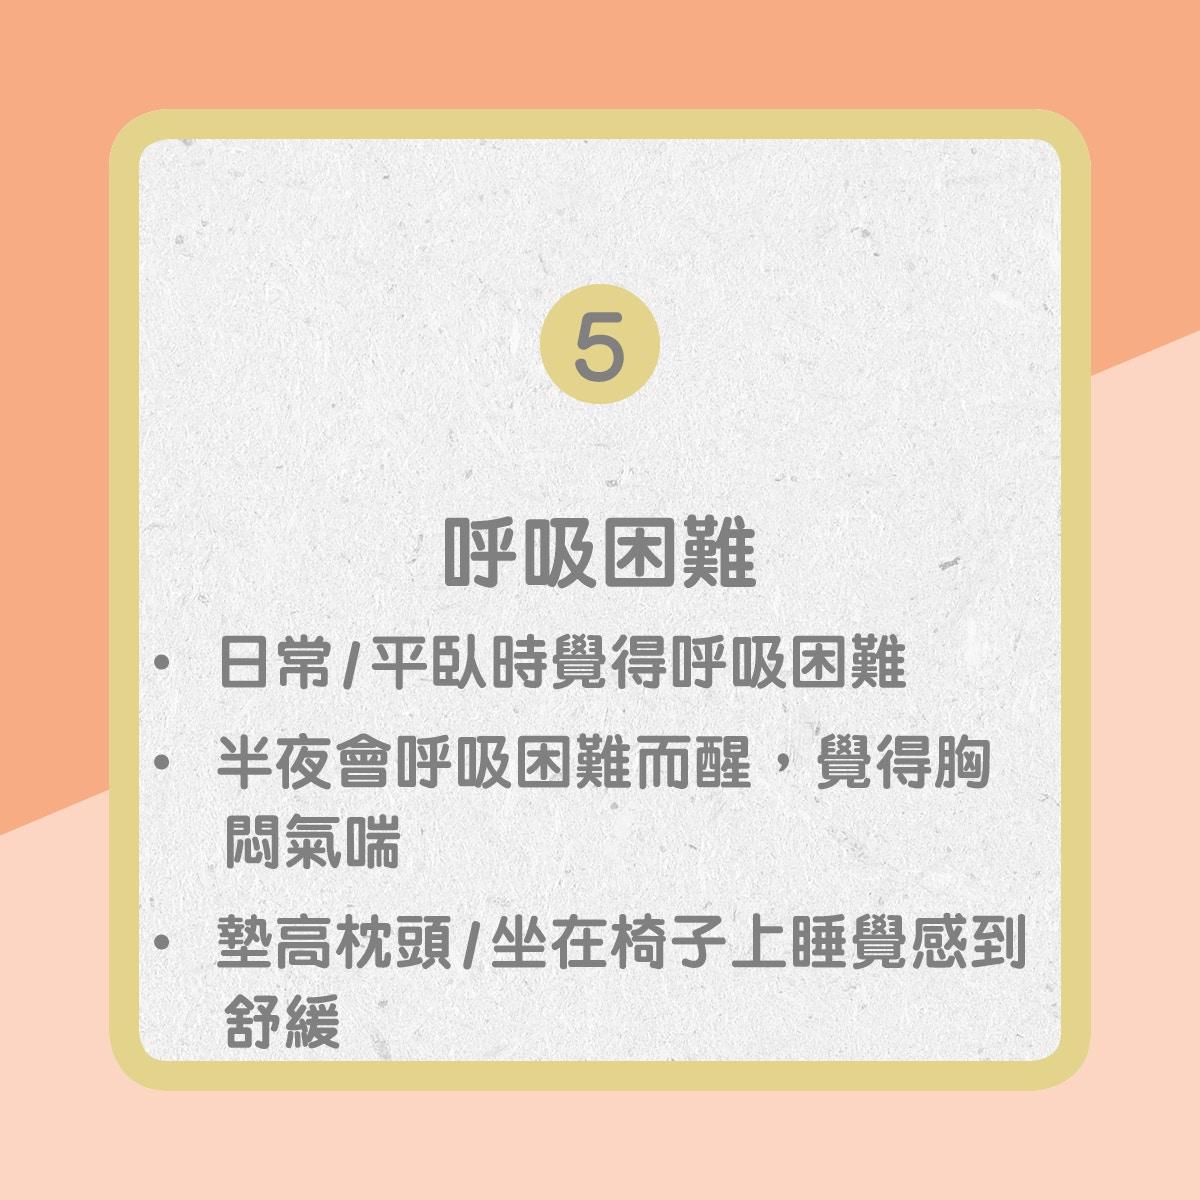 【心臟衰竭病徵】5. 呼吸困難(01製圖)